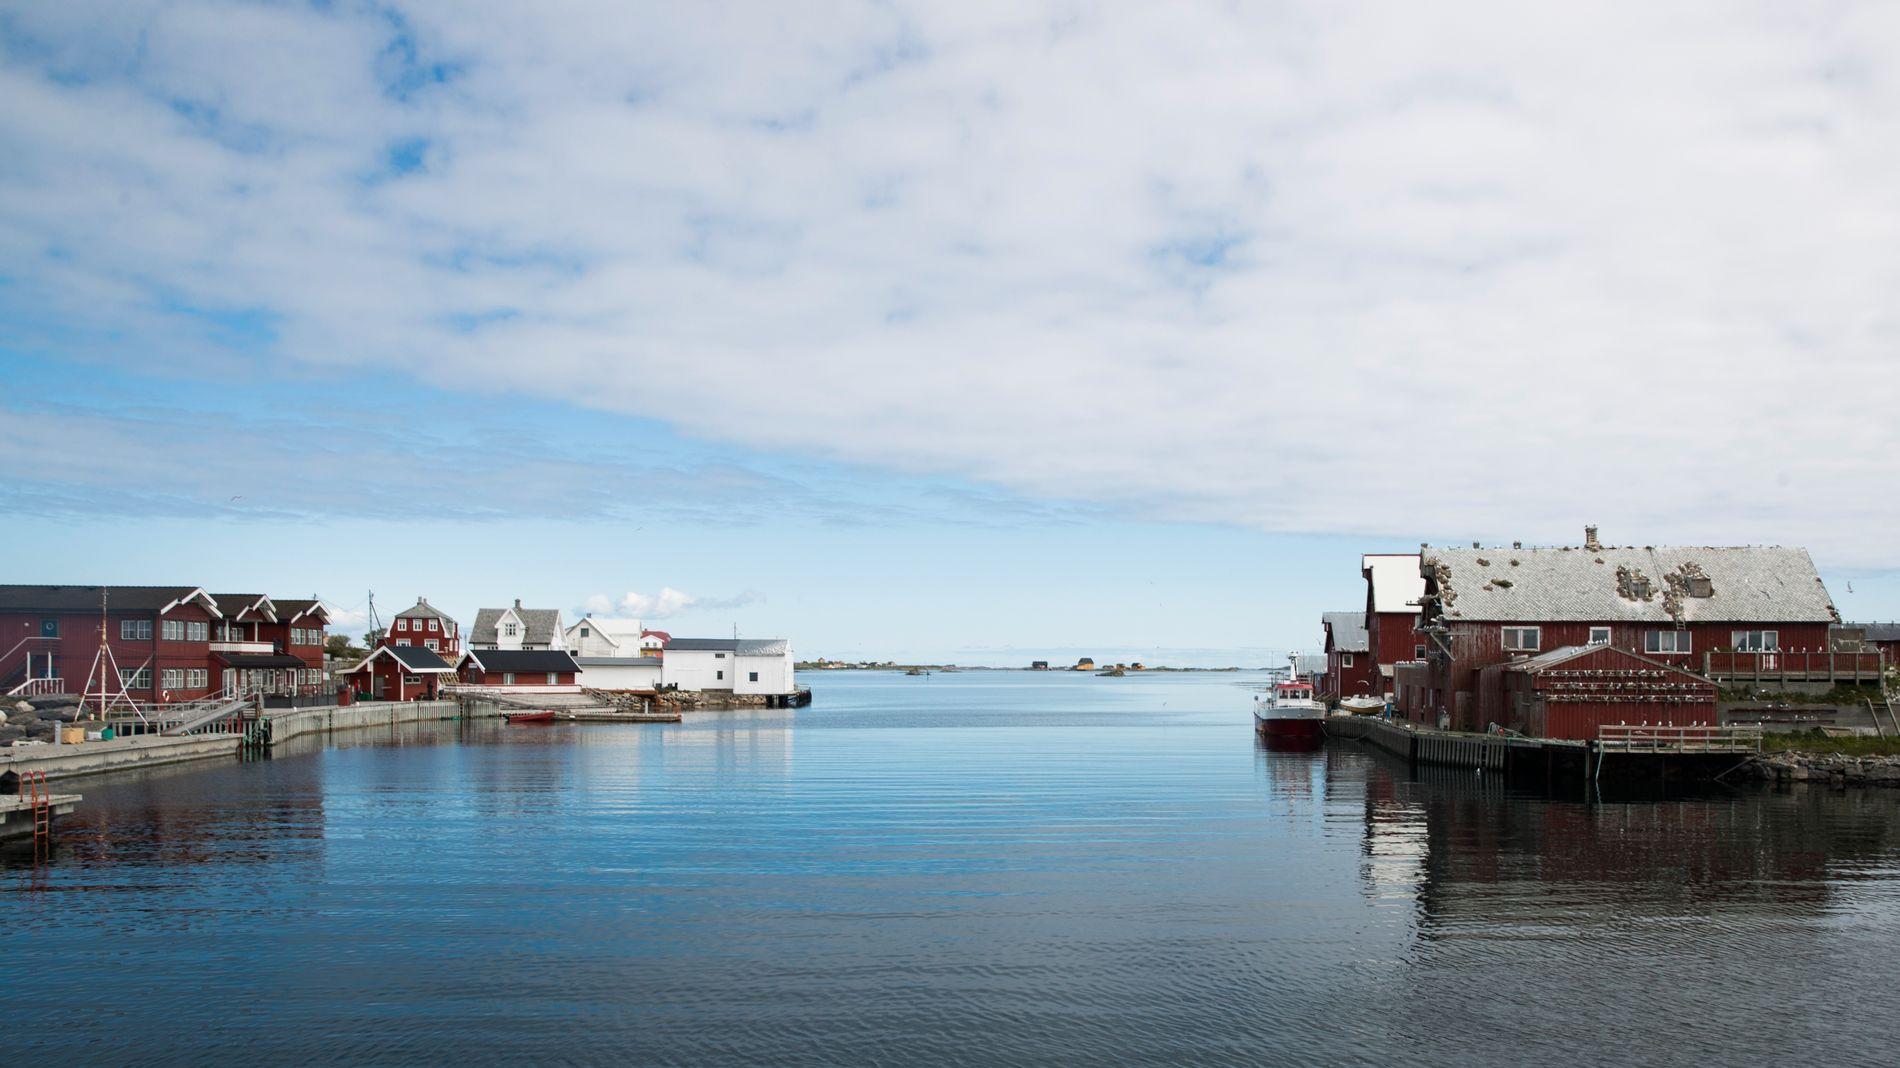 PÅ TOPP: Røst i Lofoten er kommunen med mest netthandel per innbygger.